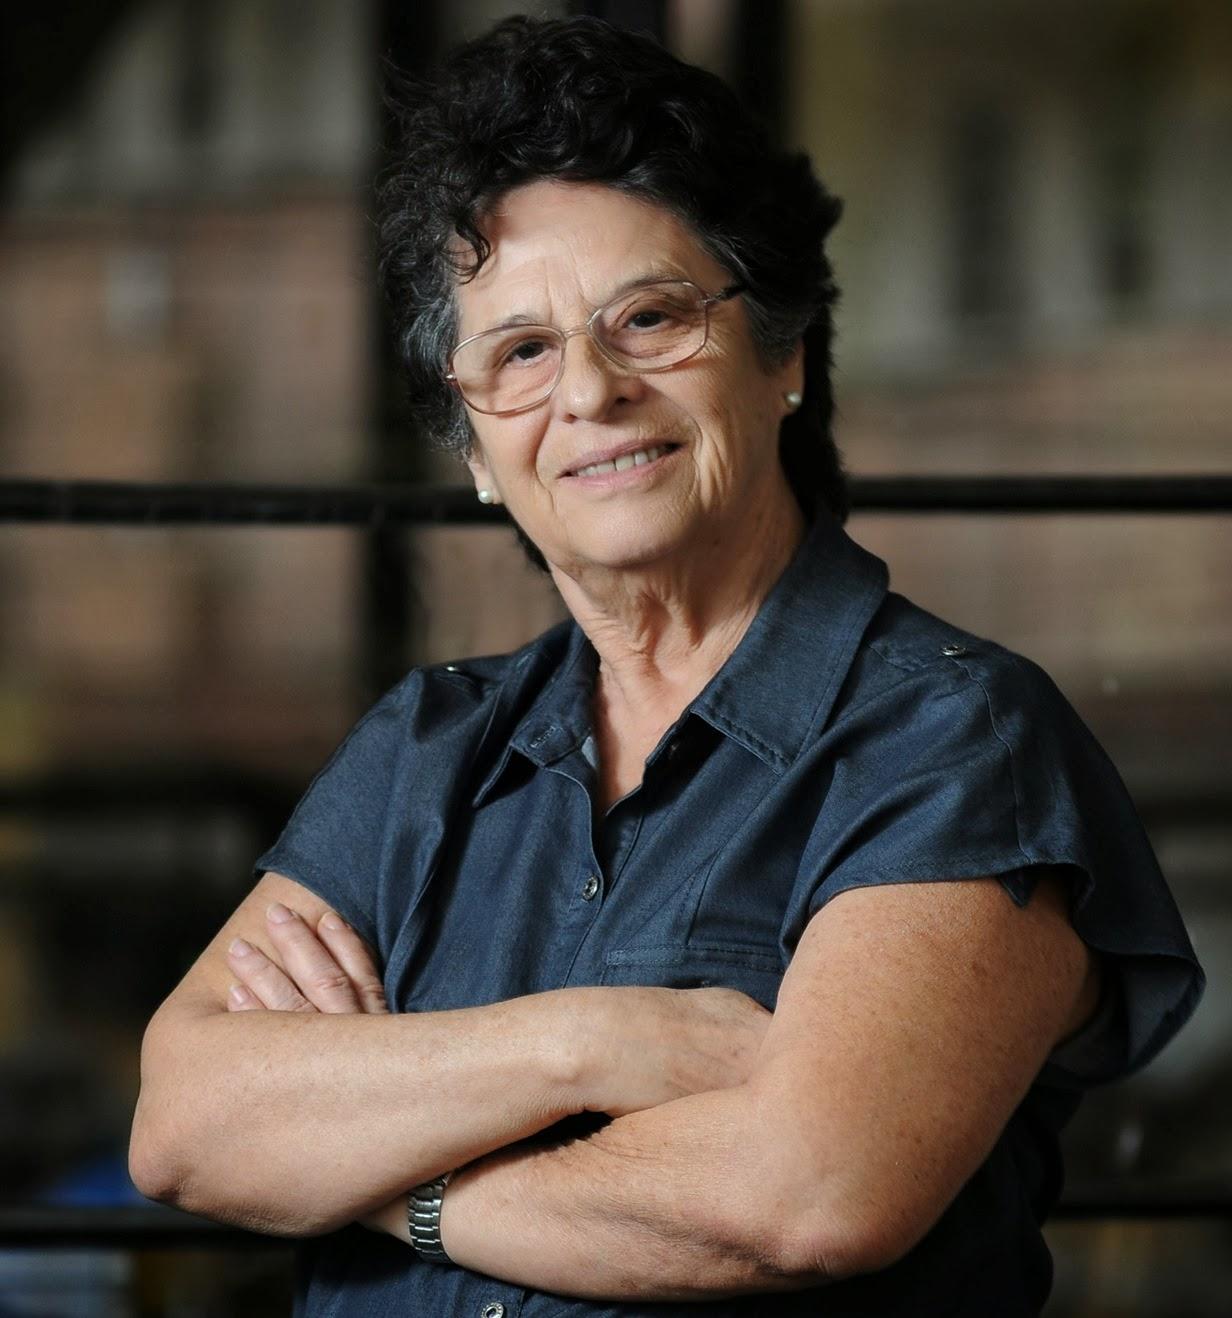 Vencedora do Prêmio Jabuti conversa com a plateia da III Bienal Brasil do Livro e da leitura